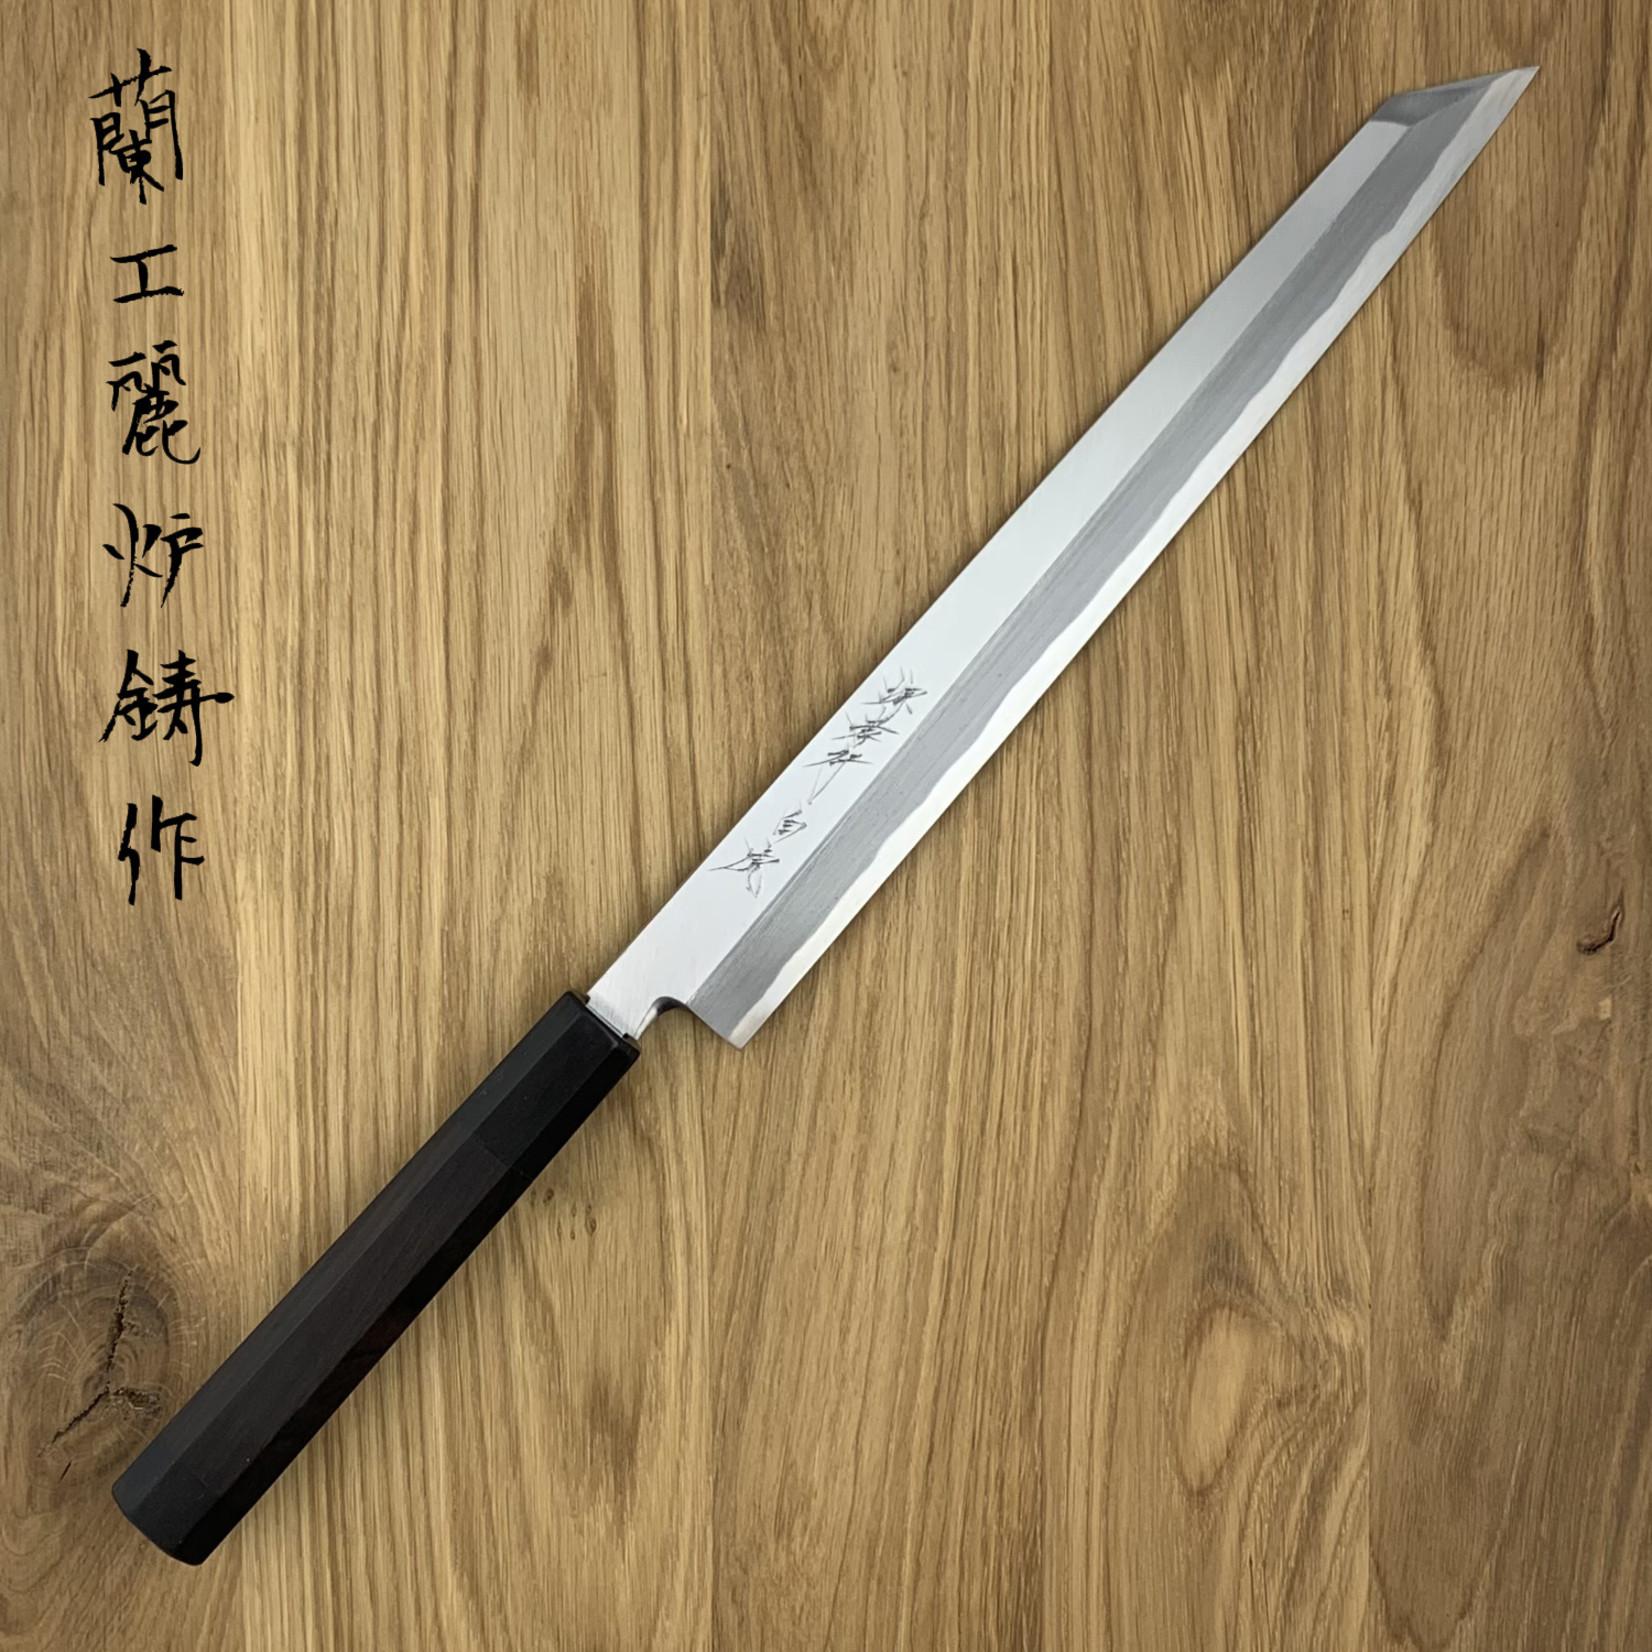 SAKAI TAKAYUKI Byakko White #1 Yanagiba 270 mm 02214